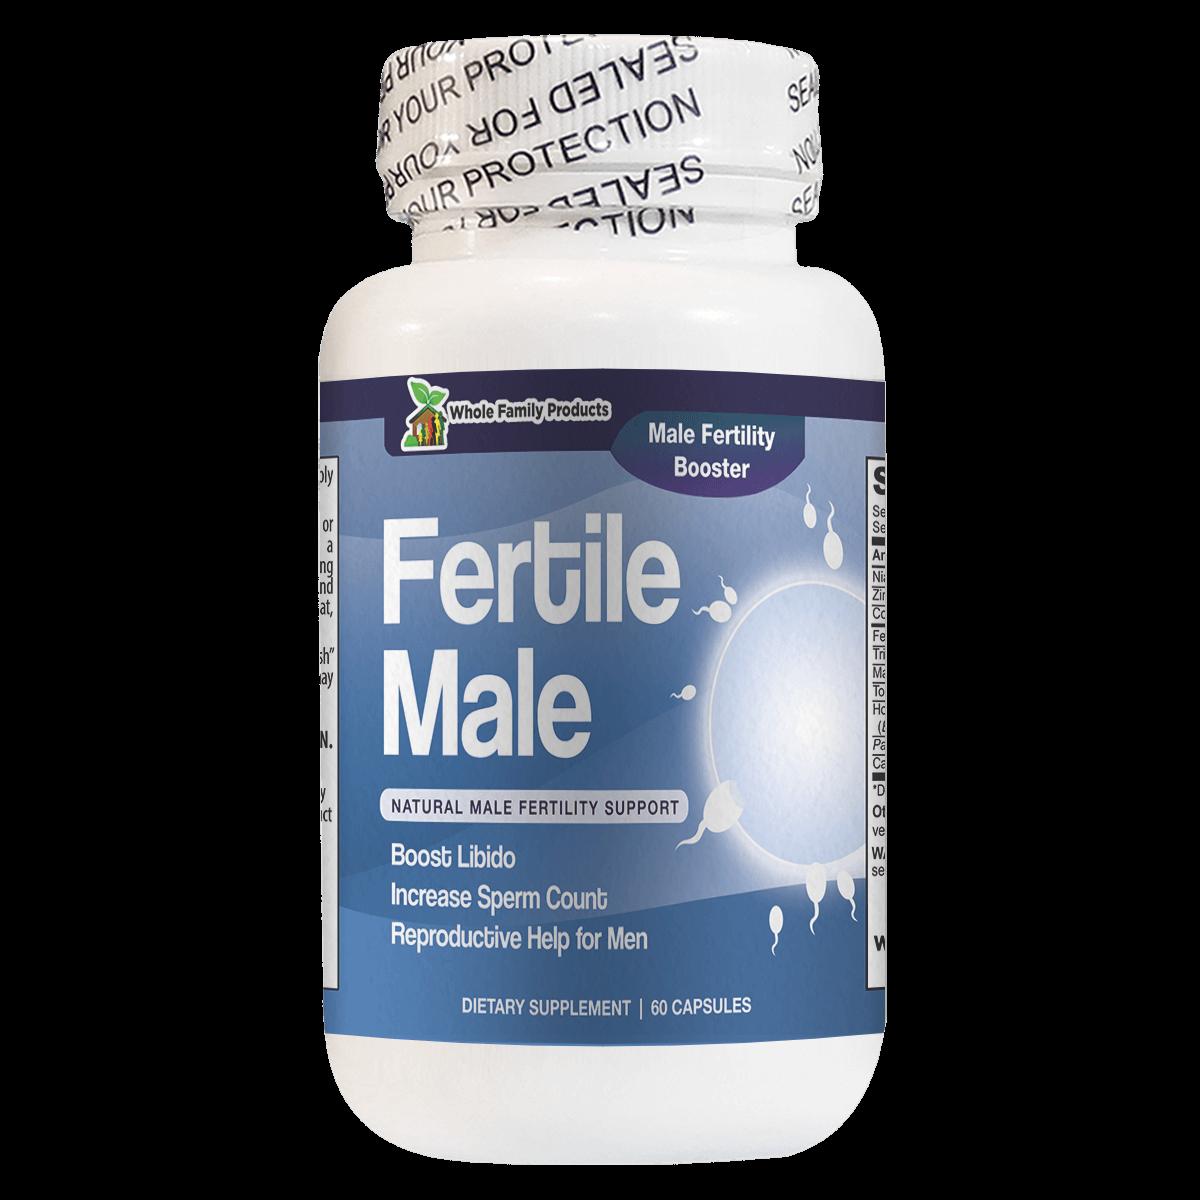 Fertile Male Best Male Fertility Supplement for Male